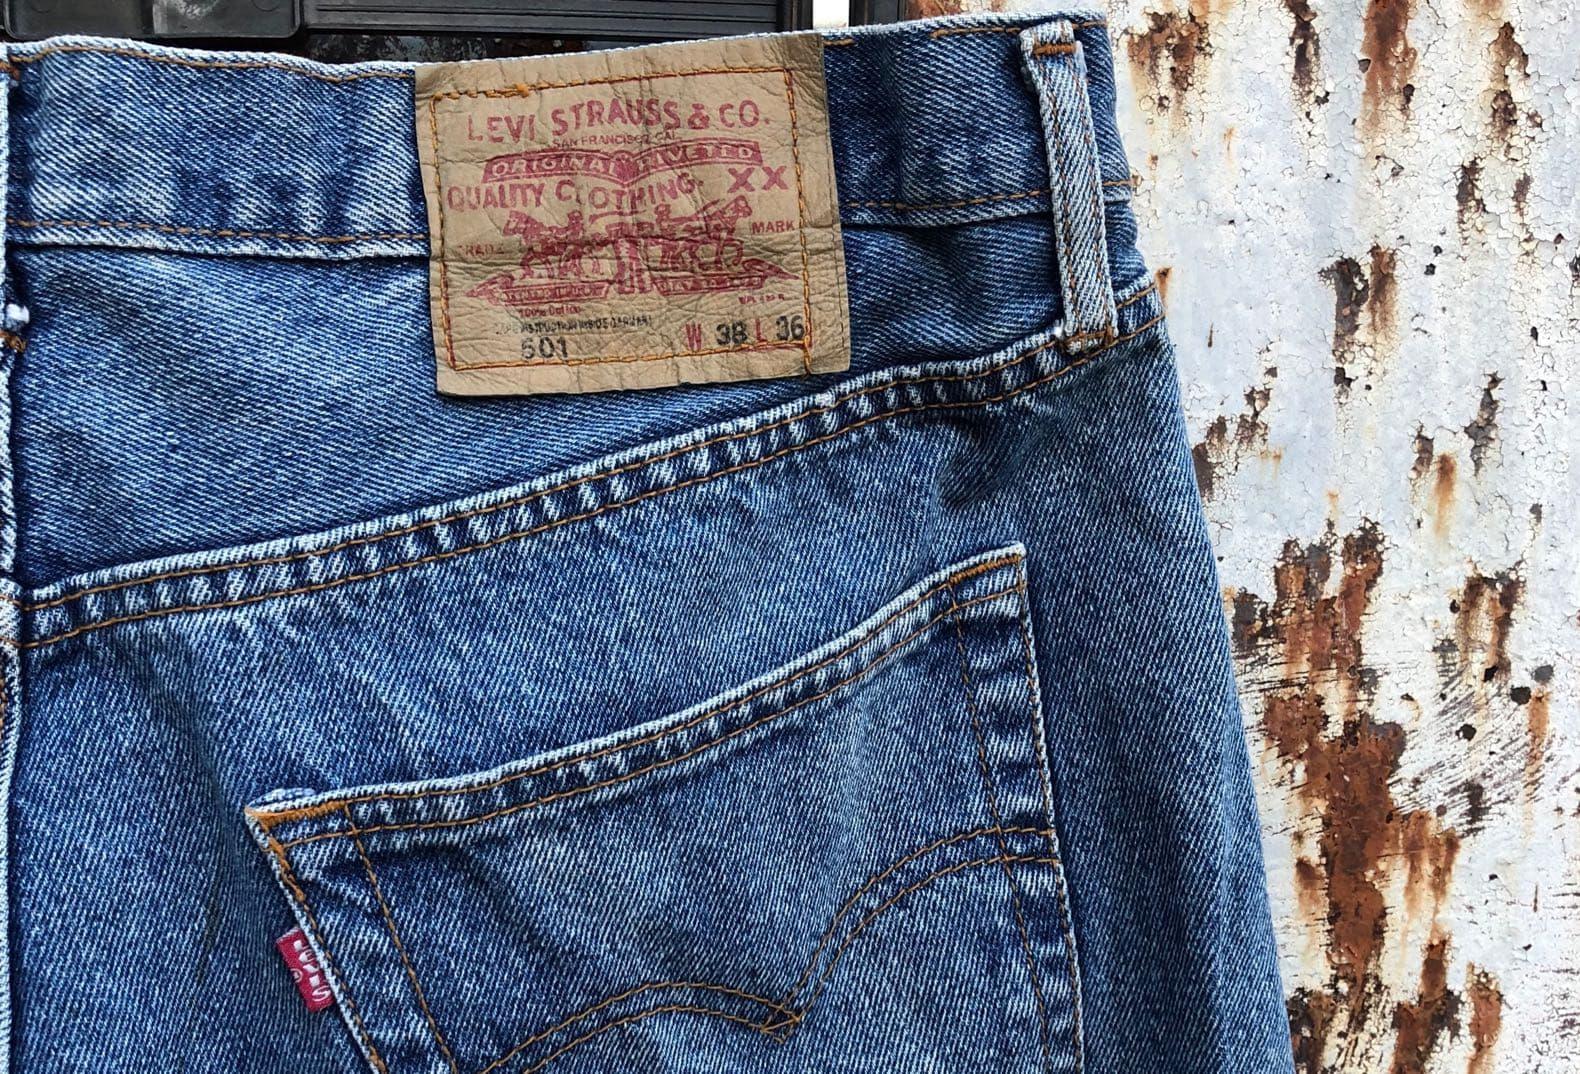 levis jeans 501 vintage